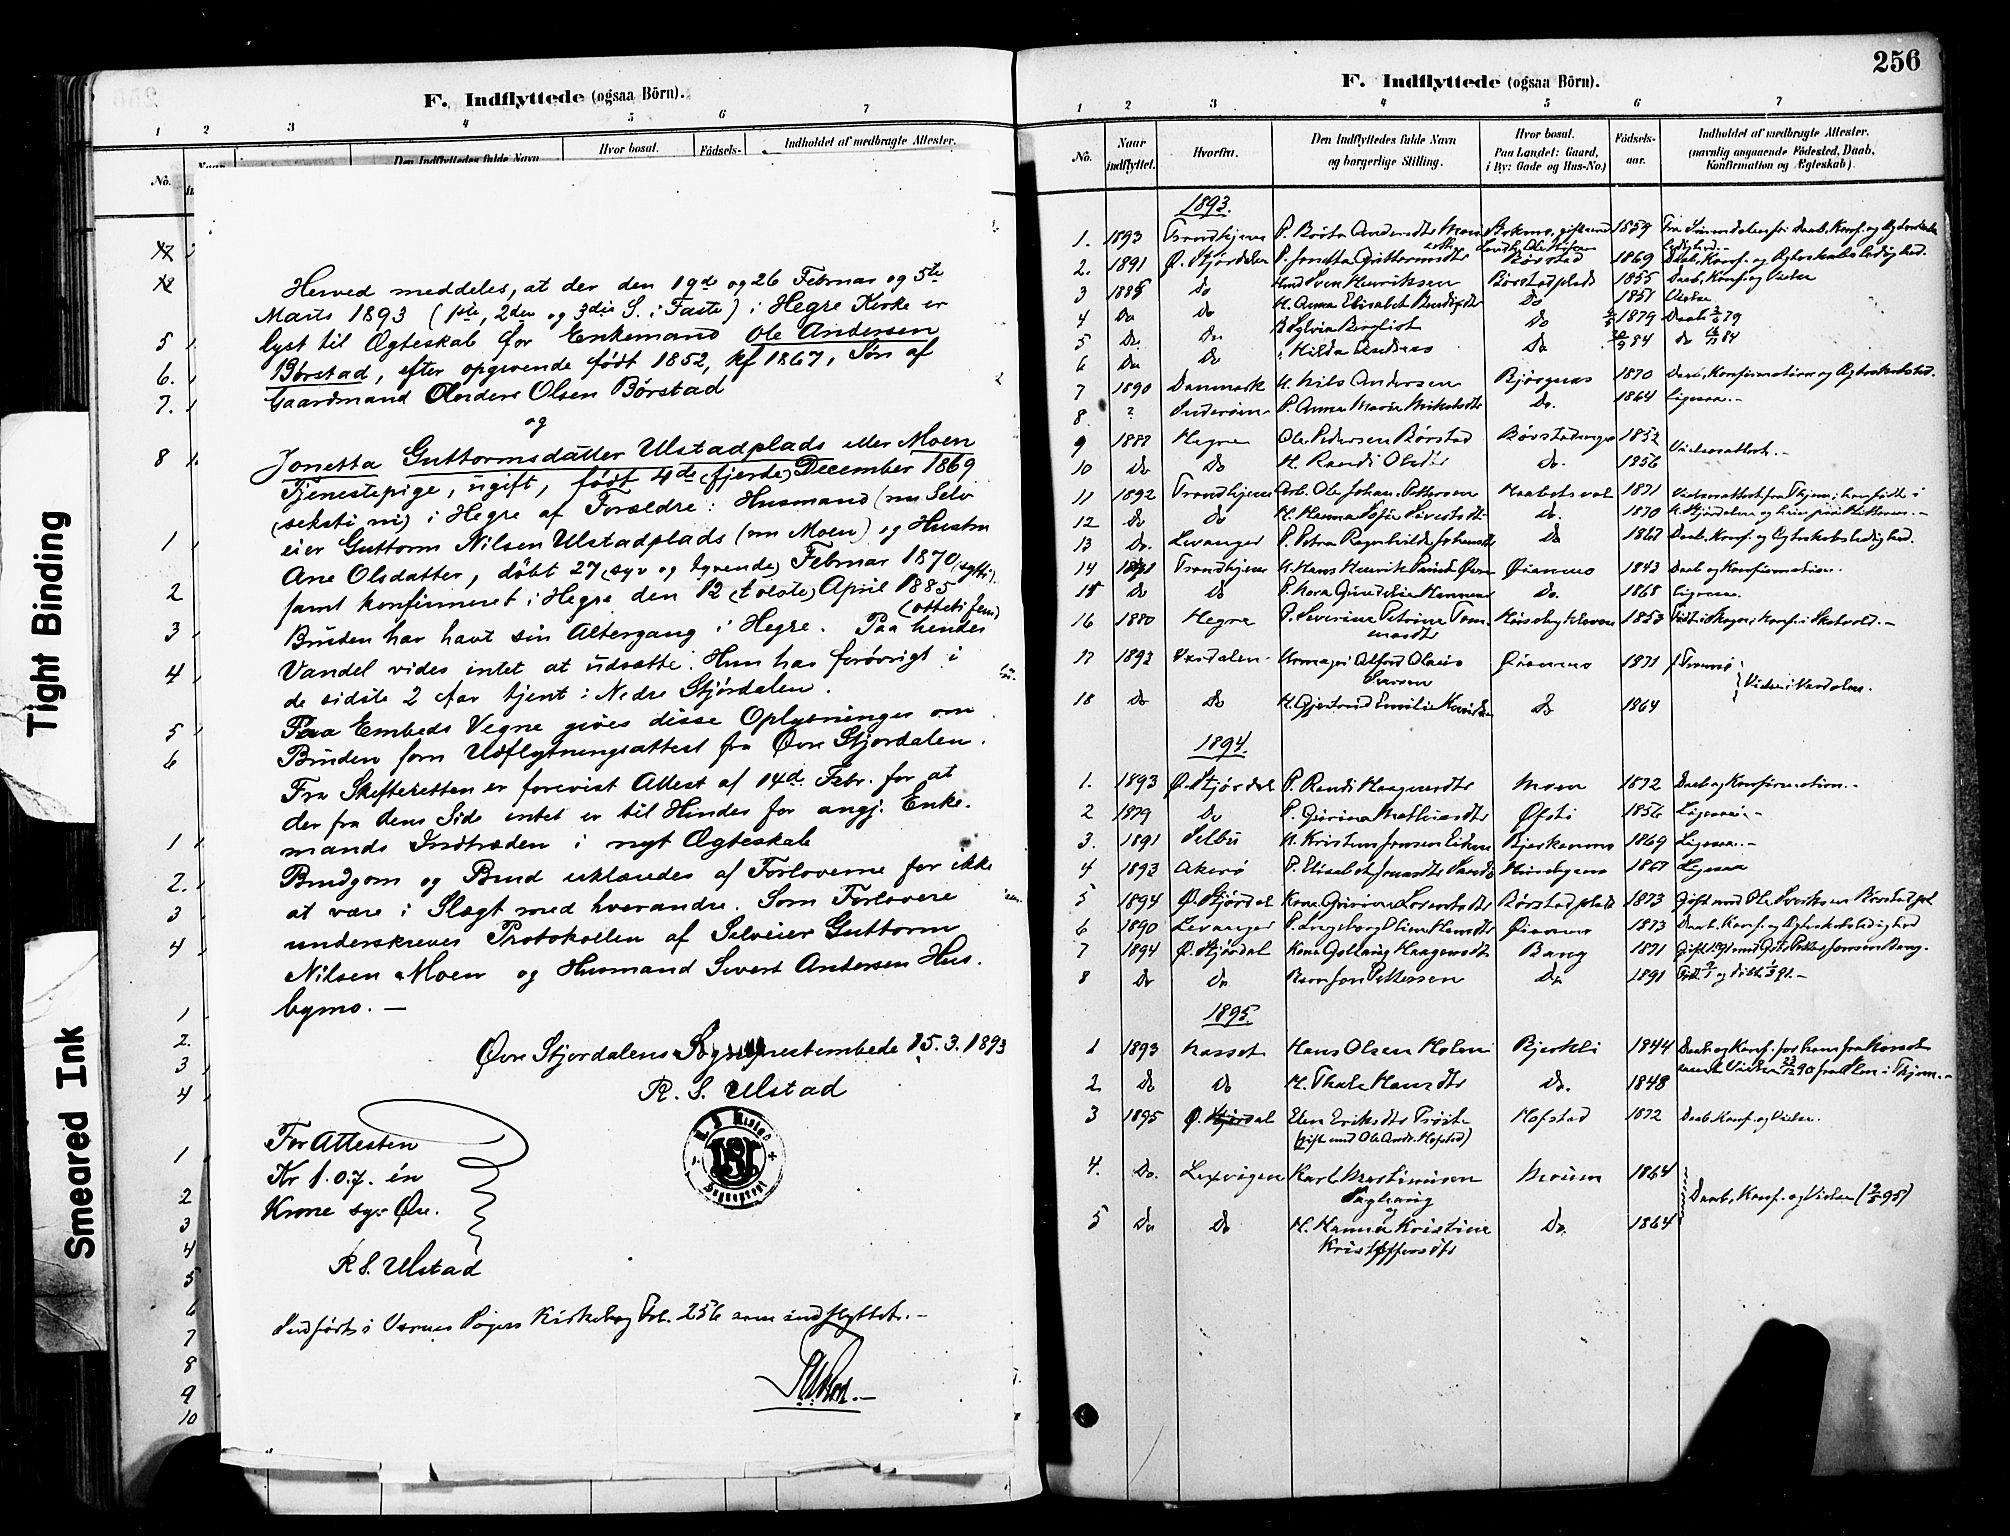 SAT, Ministerialprotokoller, klokkerbøker og fødselsregistre - Nord-Trøndelag, 709/L0077: Ministerialbok nr. 709A17, 1880-1895, s. 256